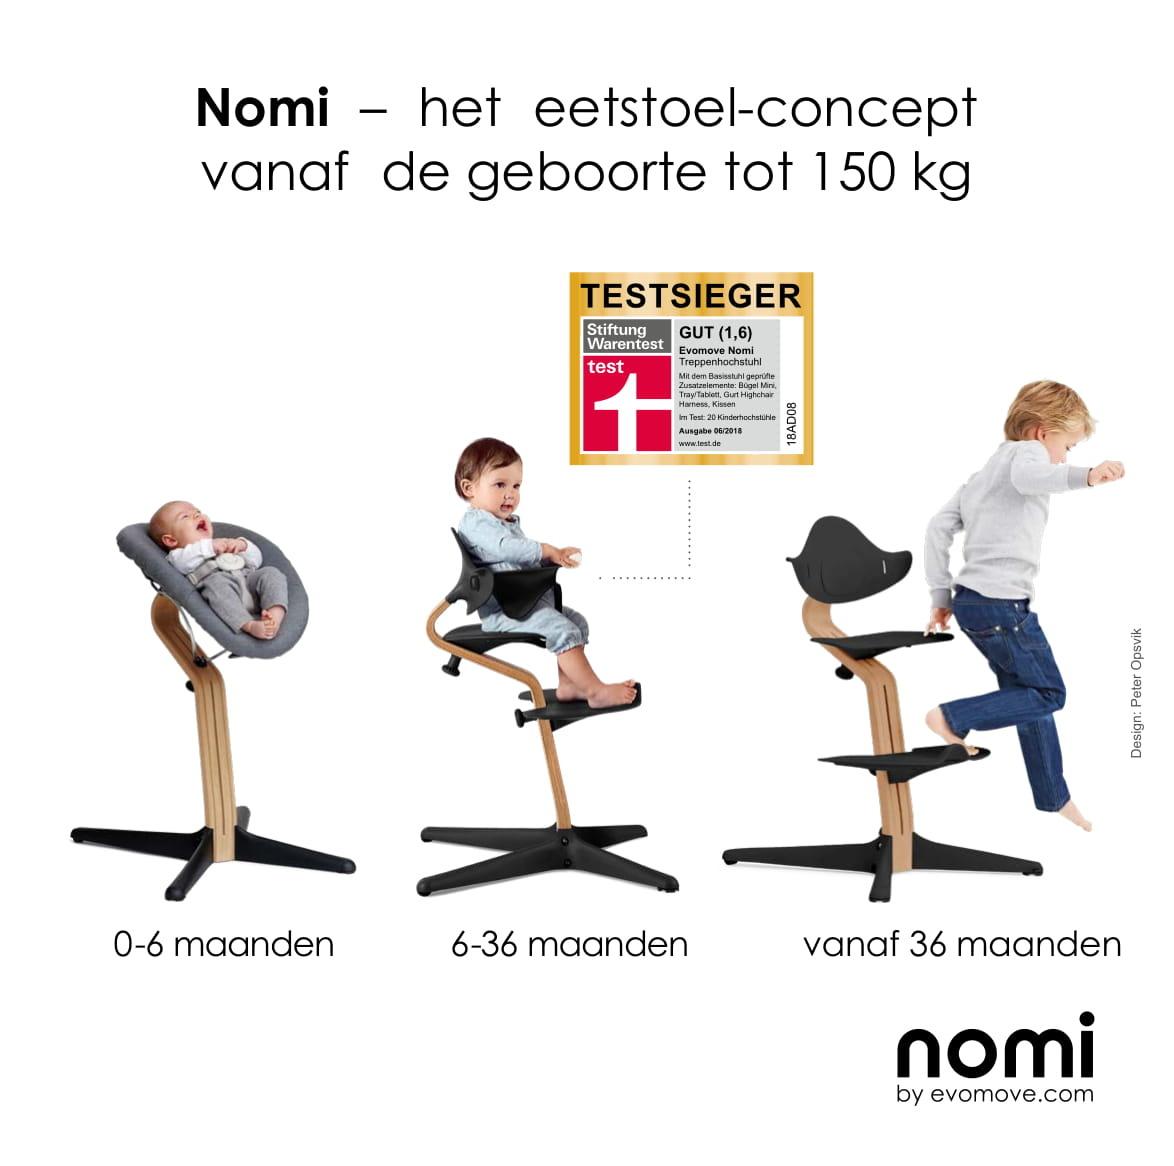 Nomi NOMI Hochstuhl: Der vollständigste Wachstumsstuhl mit Sockel mit Stuhl, Sitzkissen, Halterung, Tablett, Wipper inkl. Matratze, Geschirr und Spielbogen - Eiche weiß geölt, Stuhl Burned Orange